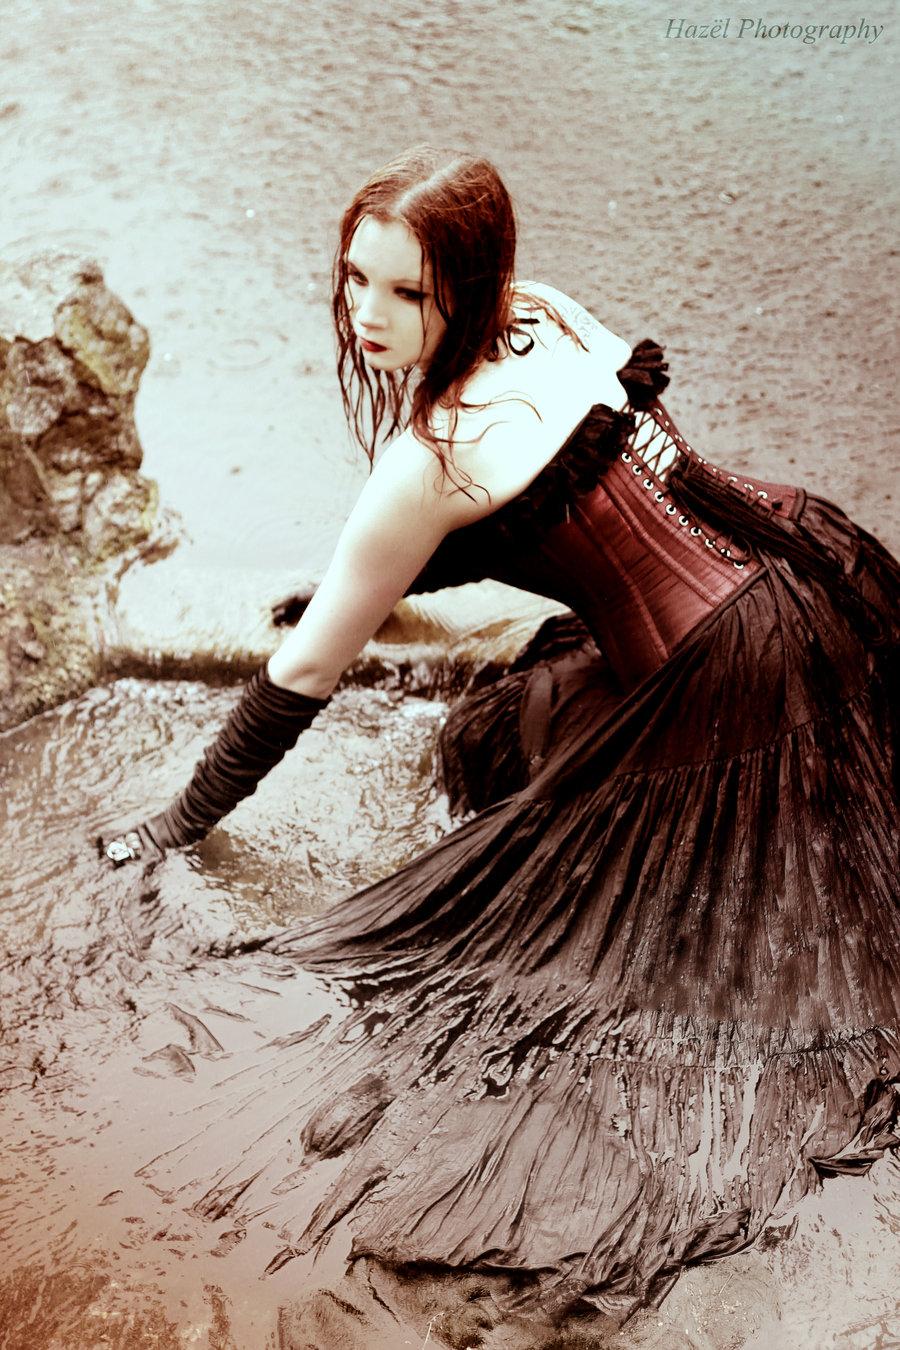 Water and Rain - Collaboration by Kereska